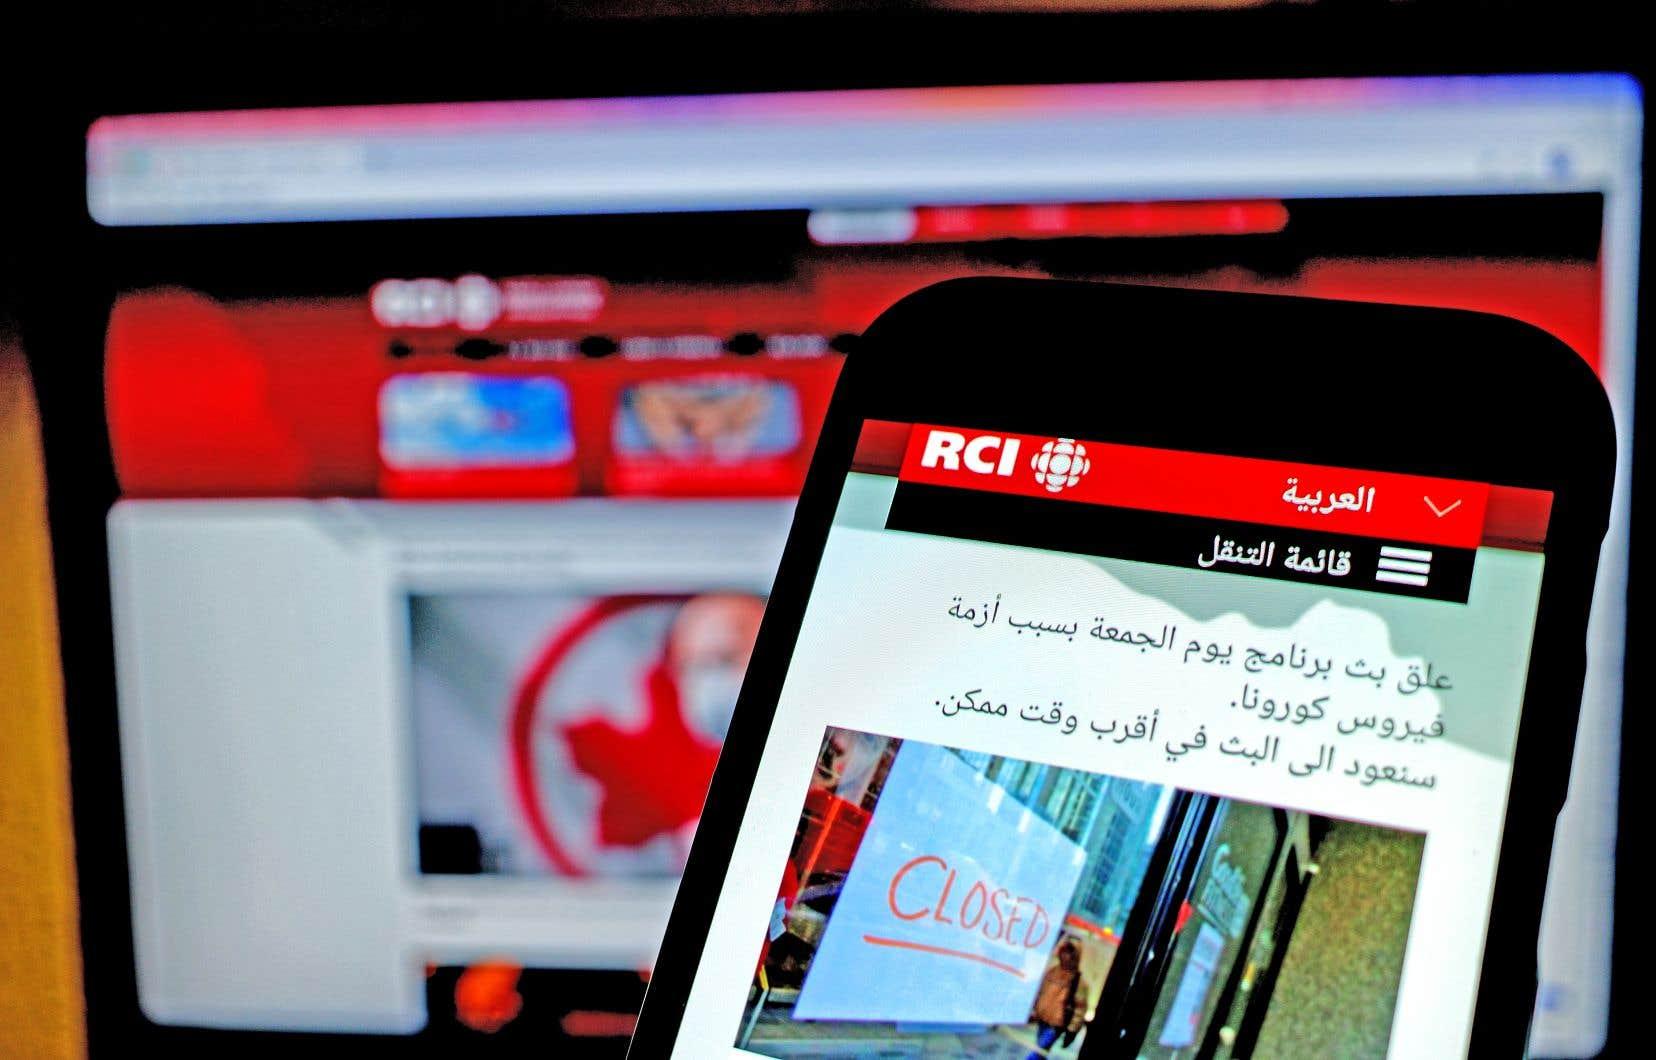 Créé durant la guerre froide, le service est d'abord radiophonique. RCI est passé entièrement sur le Web lors de l'abandon de la diffusion radio sur ondes courtes, en 2012.